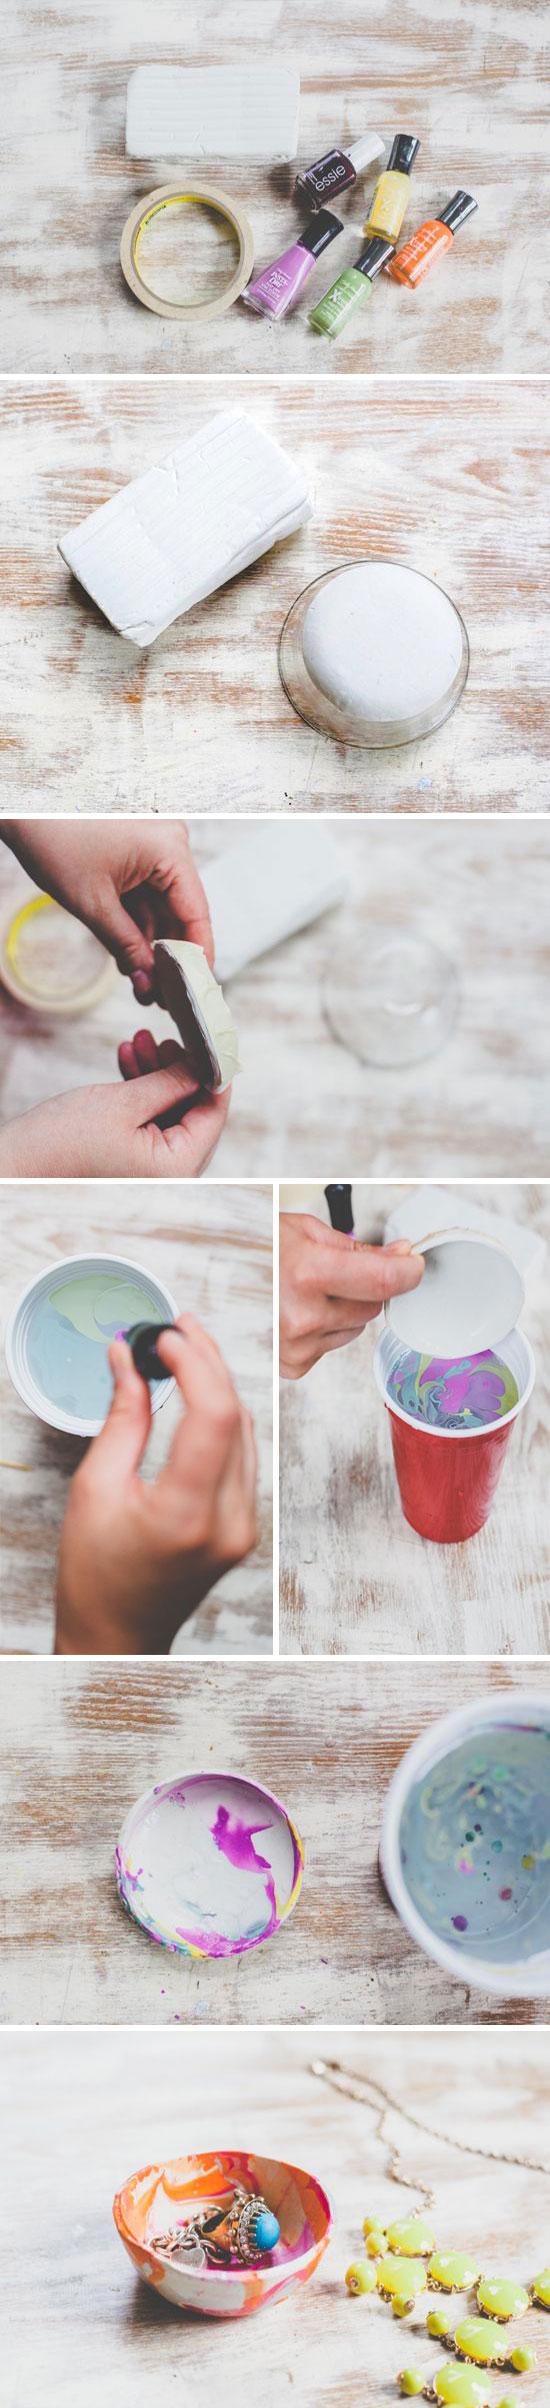 marbled_mini_bowls_tutorial